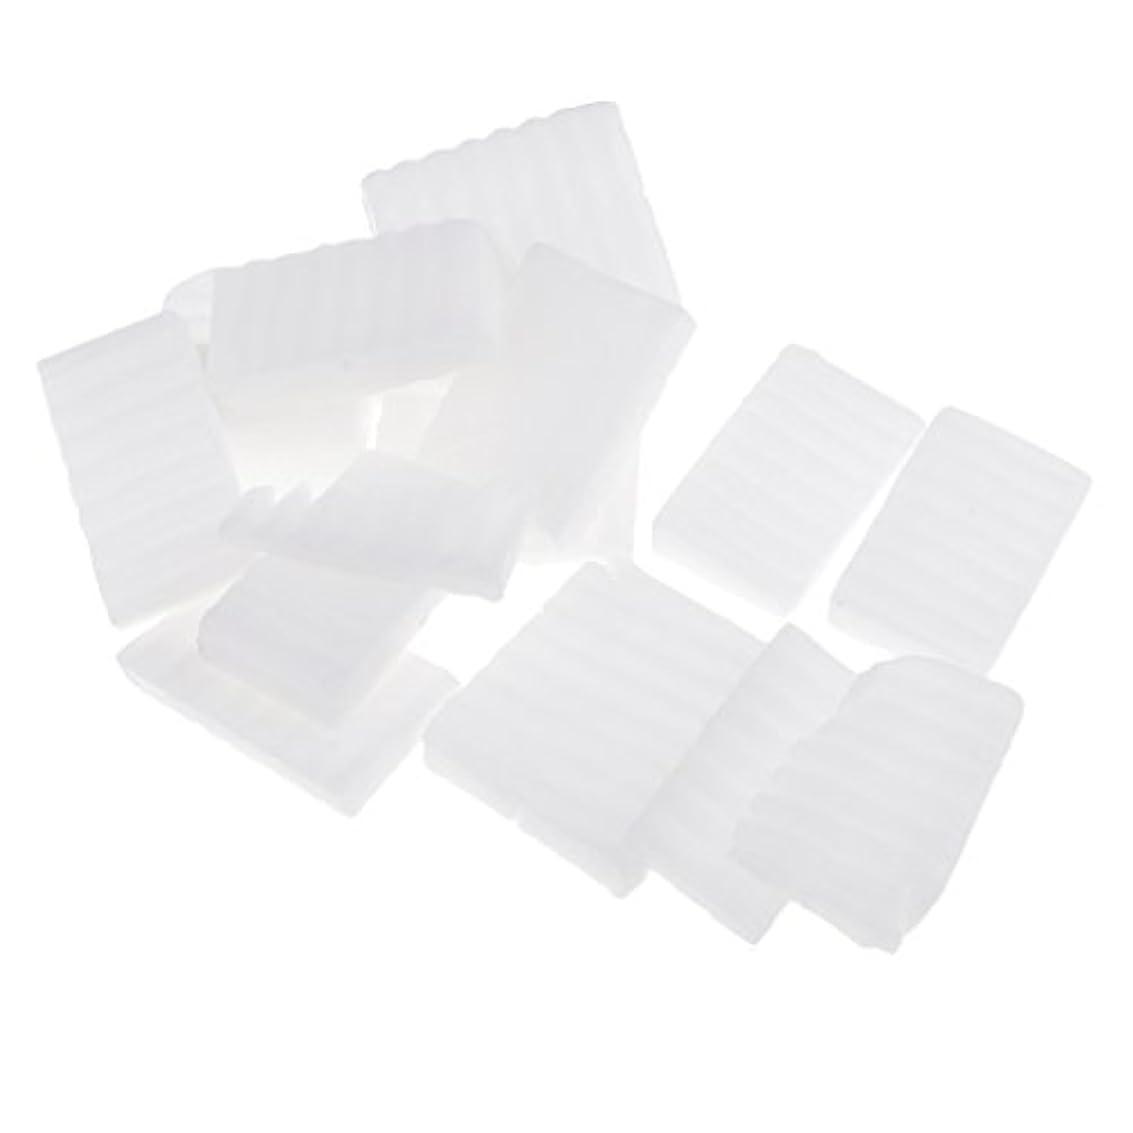 値福祉編集者Perfk 白い 石鹸ベース DIY 手作り 石鹸 材料 約500g 手作り 石鹸のため